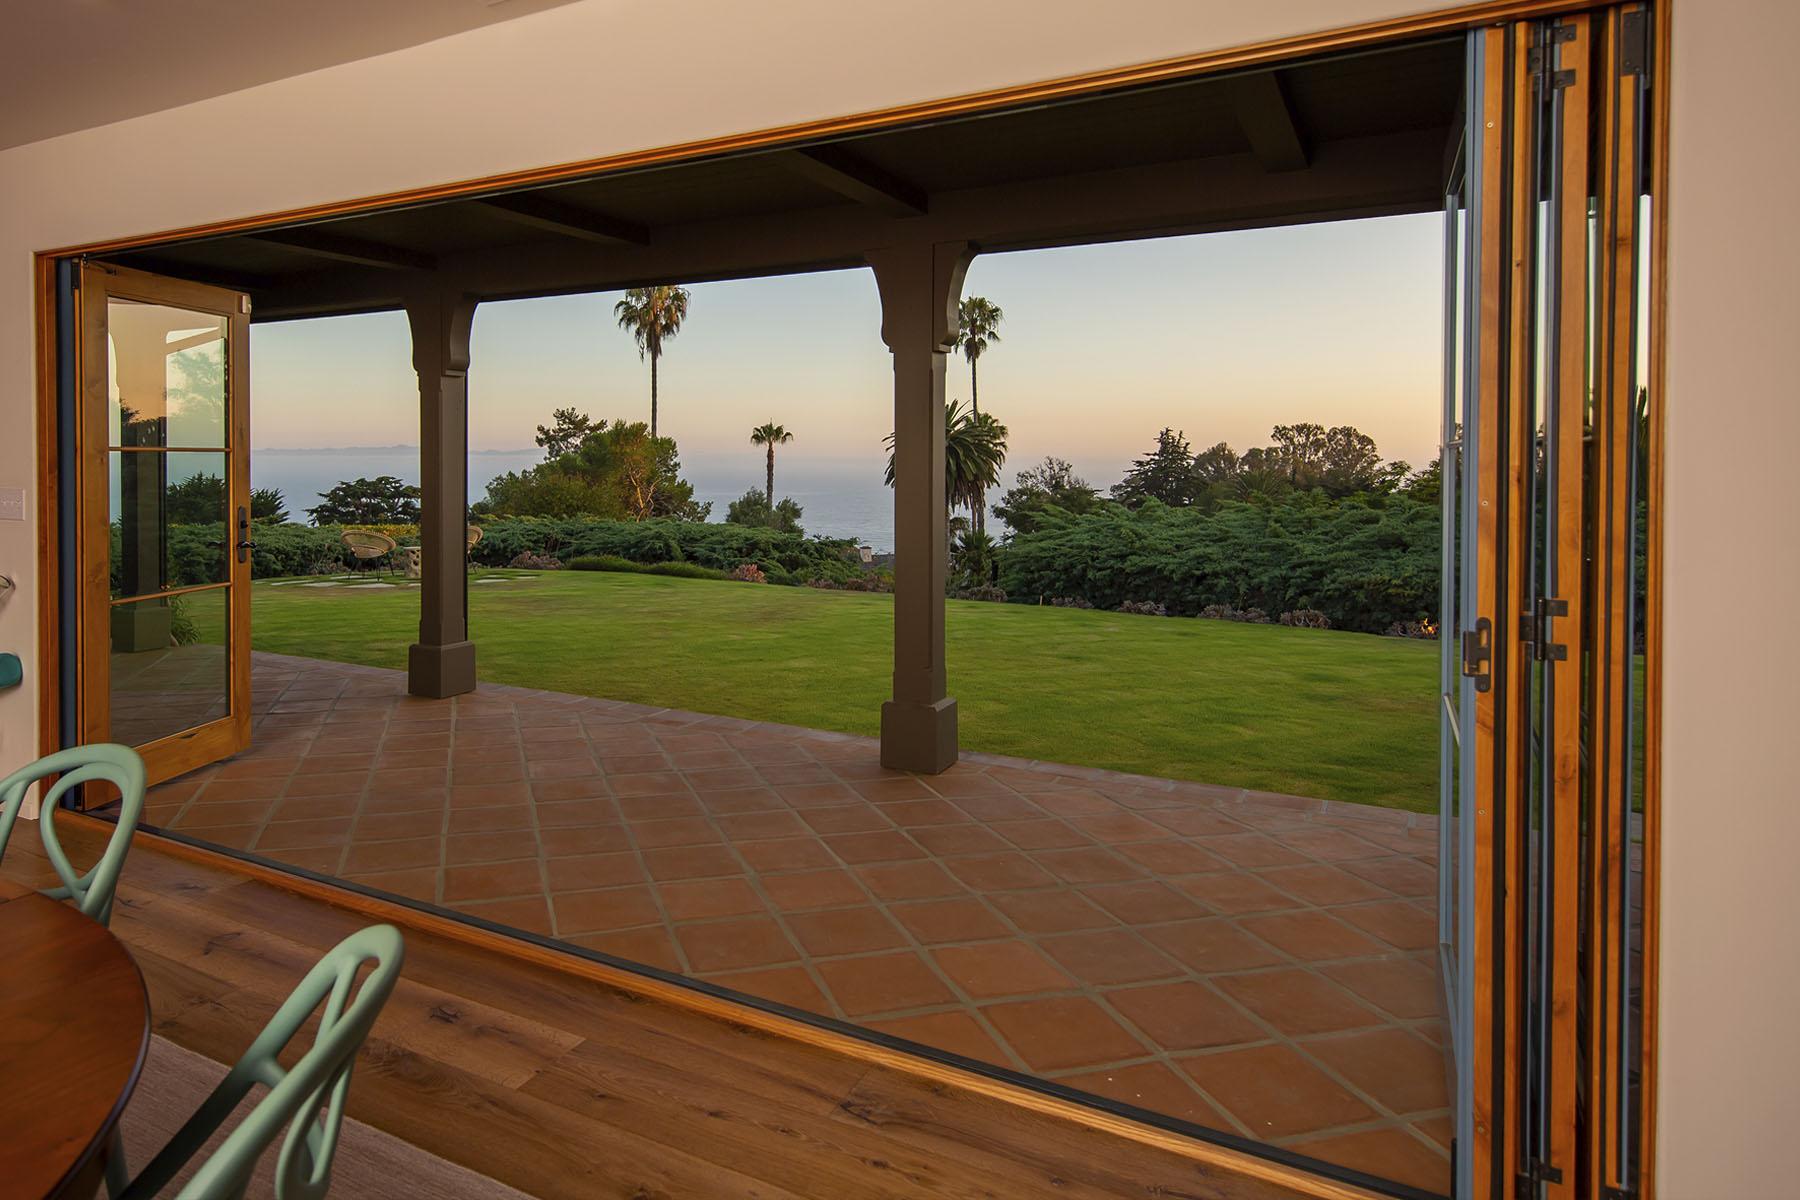 Campanil exterior doors